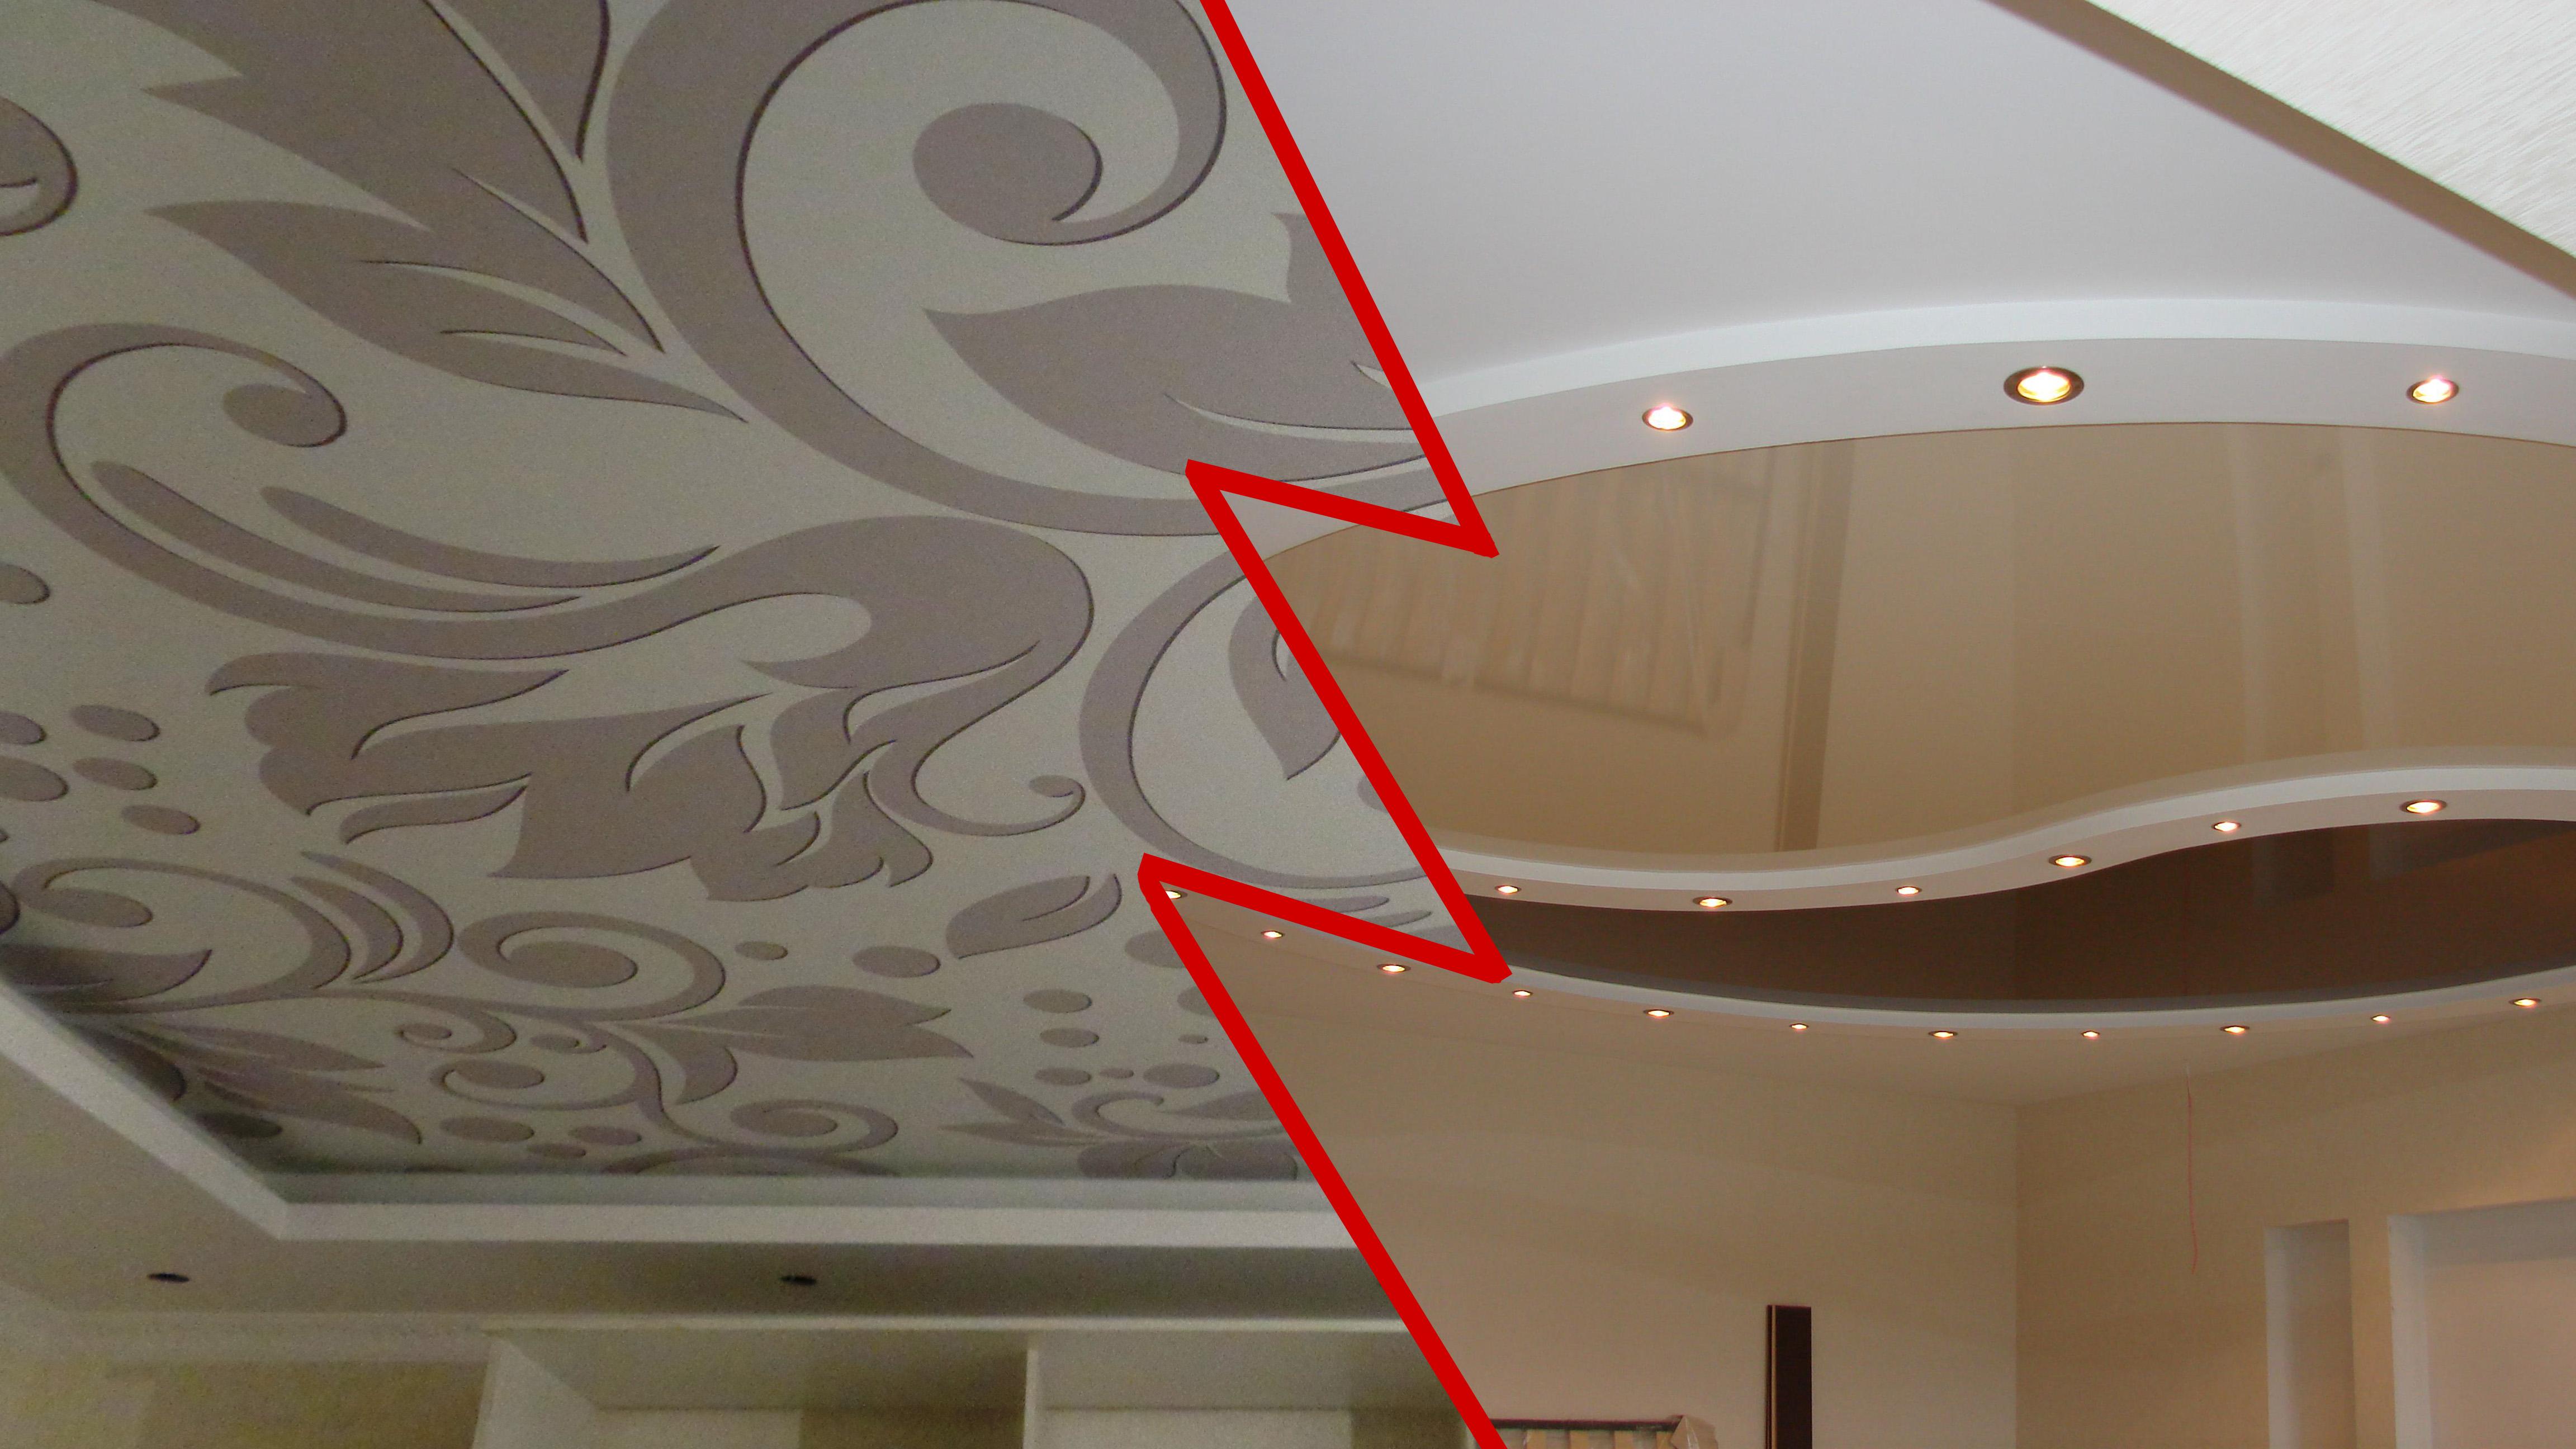 Сравнение тканевых и пленочных натяжных потолков